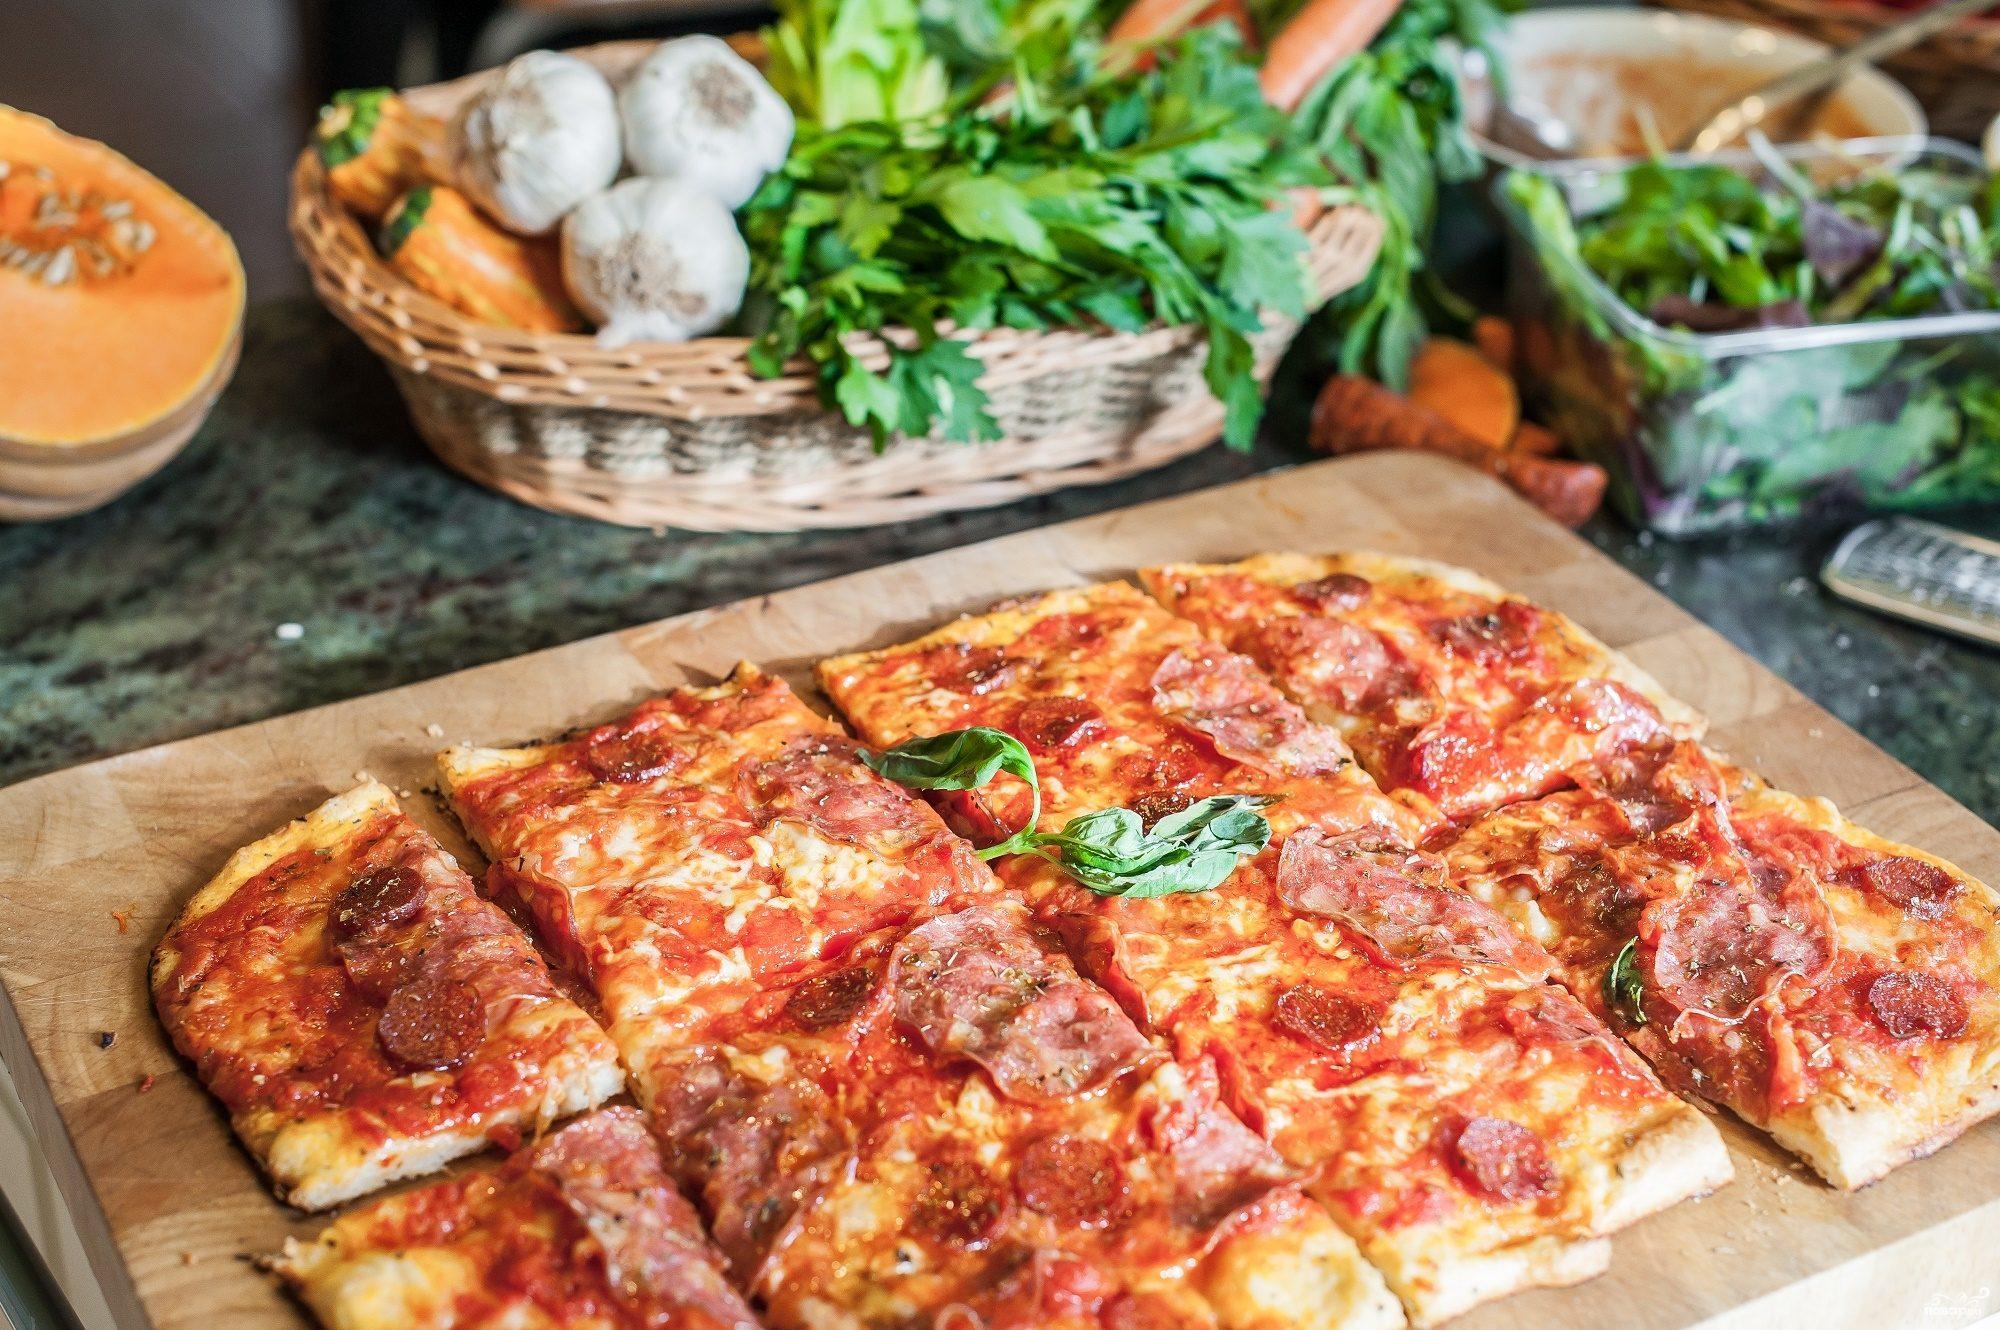 пицца дрожжевая пошаговый рецепт с фото